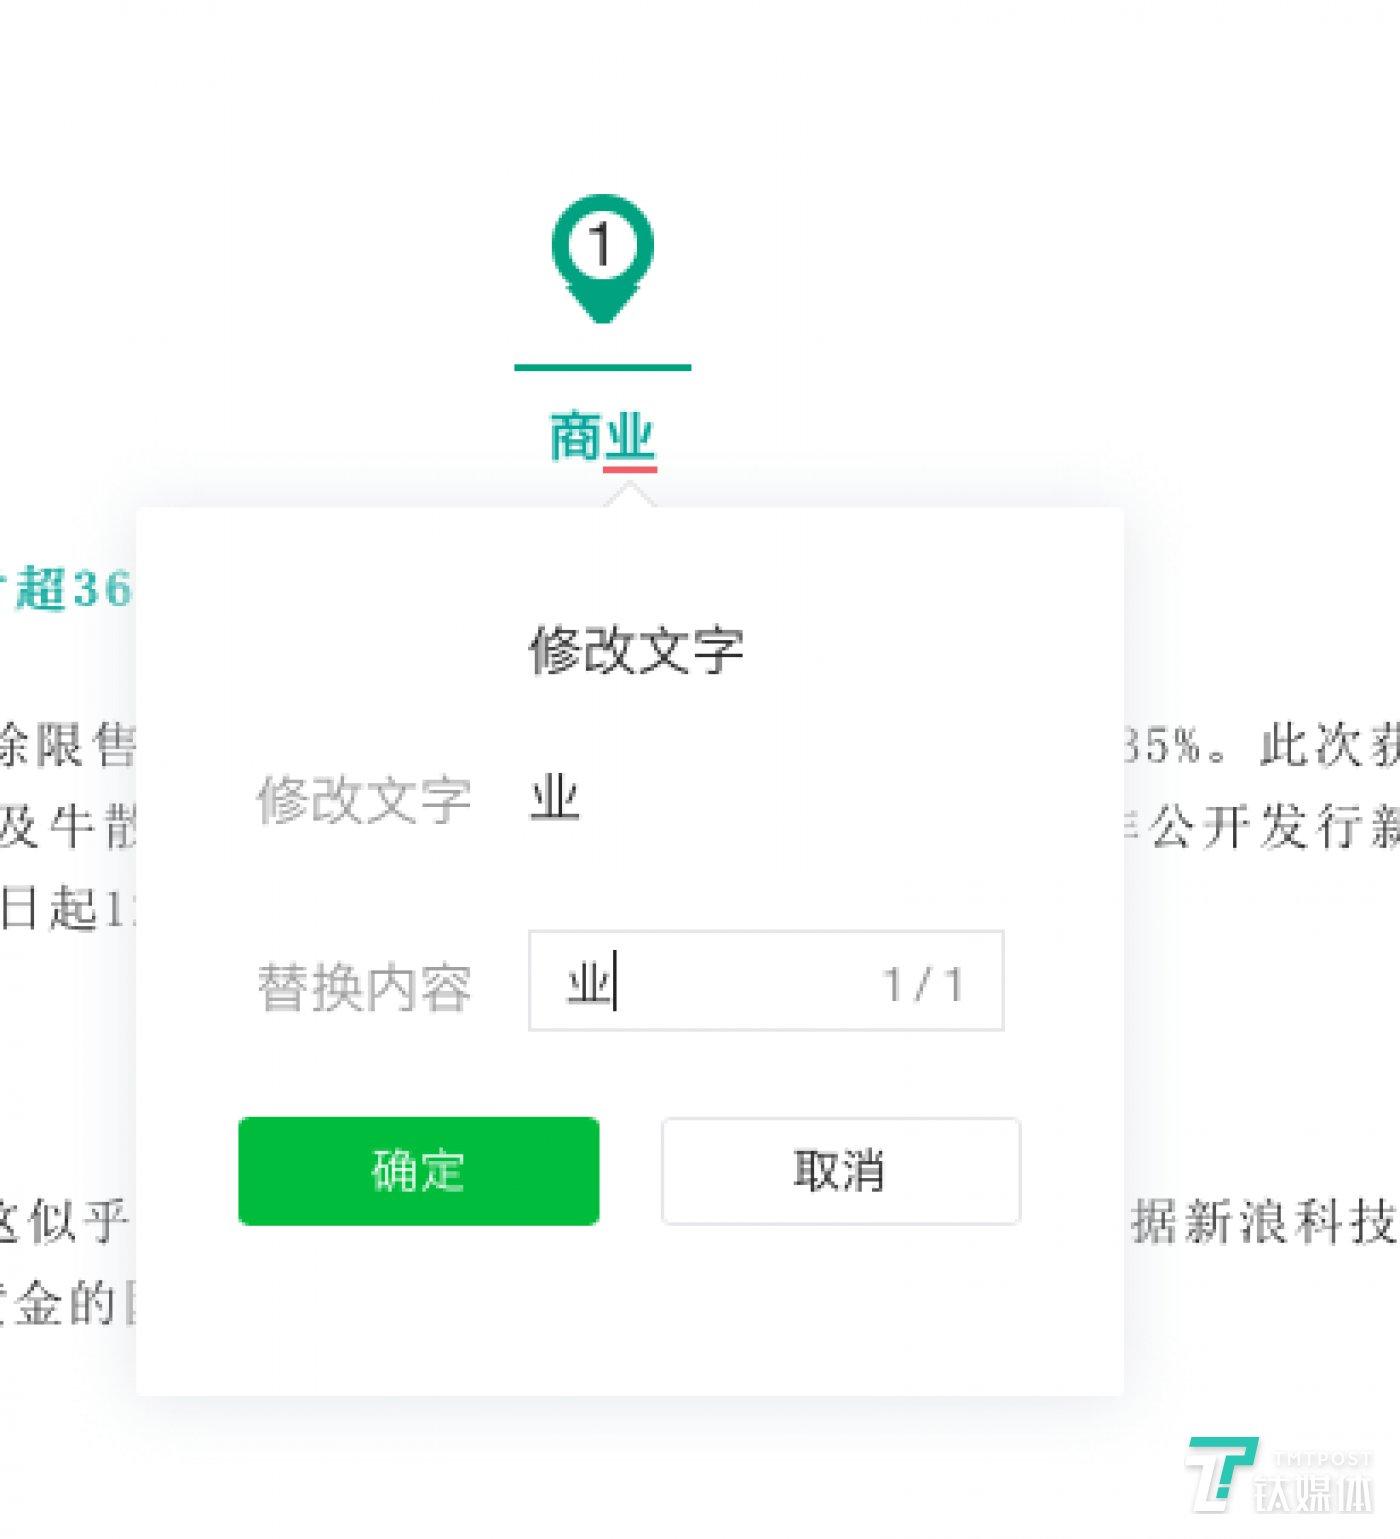 【钛晨报】微信公众号能改错别字了:限5字以内,标题摘要改不了